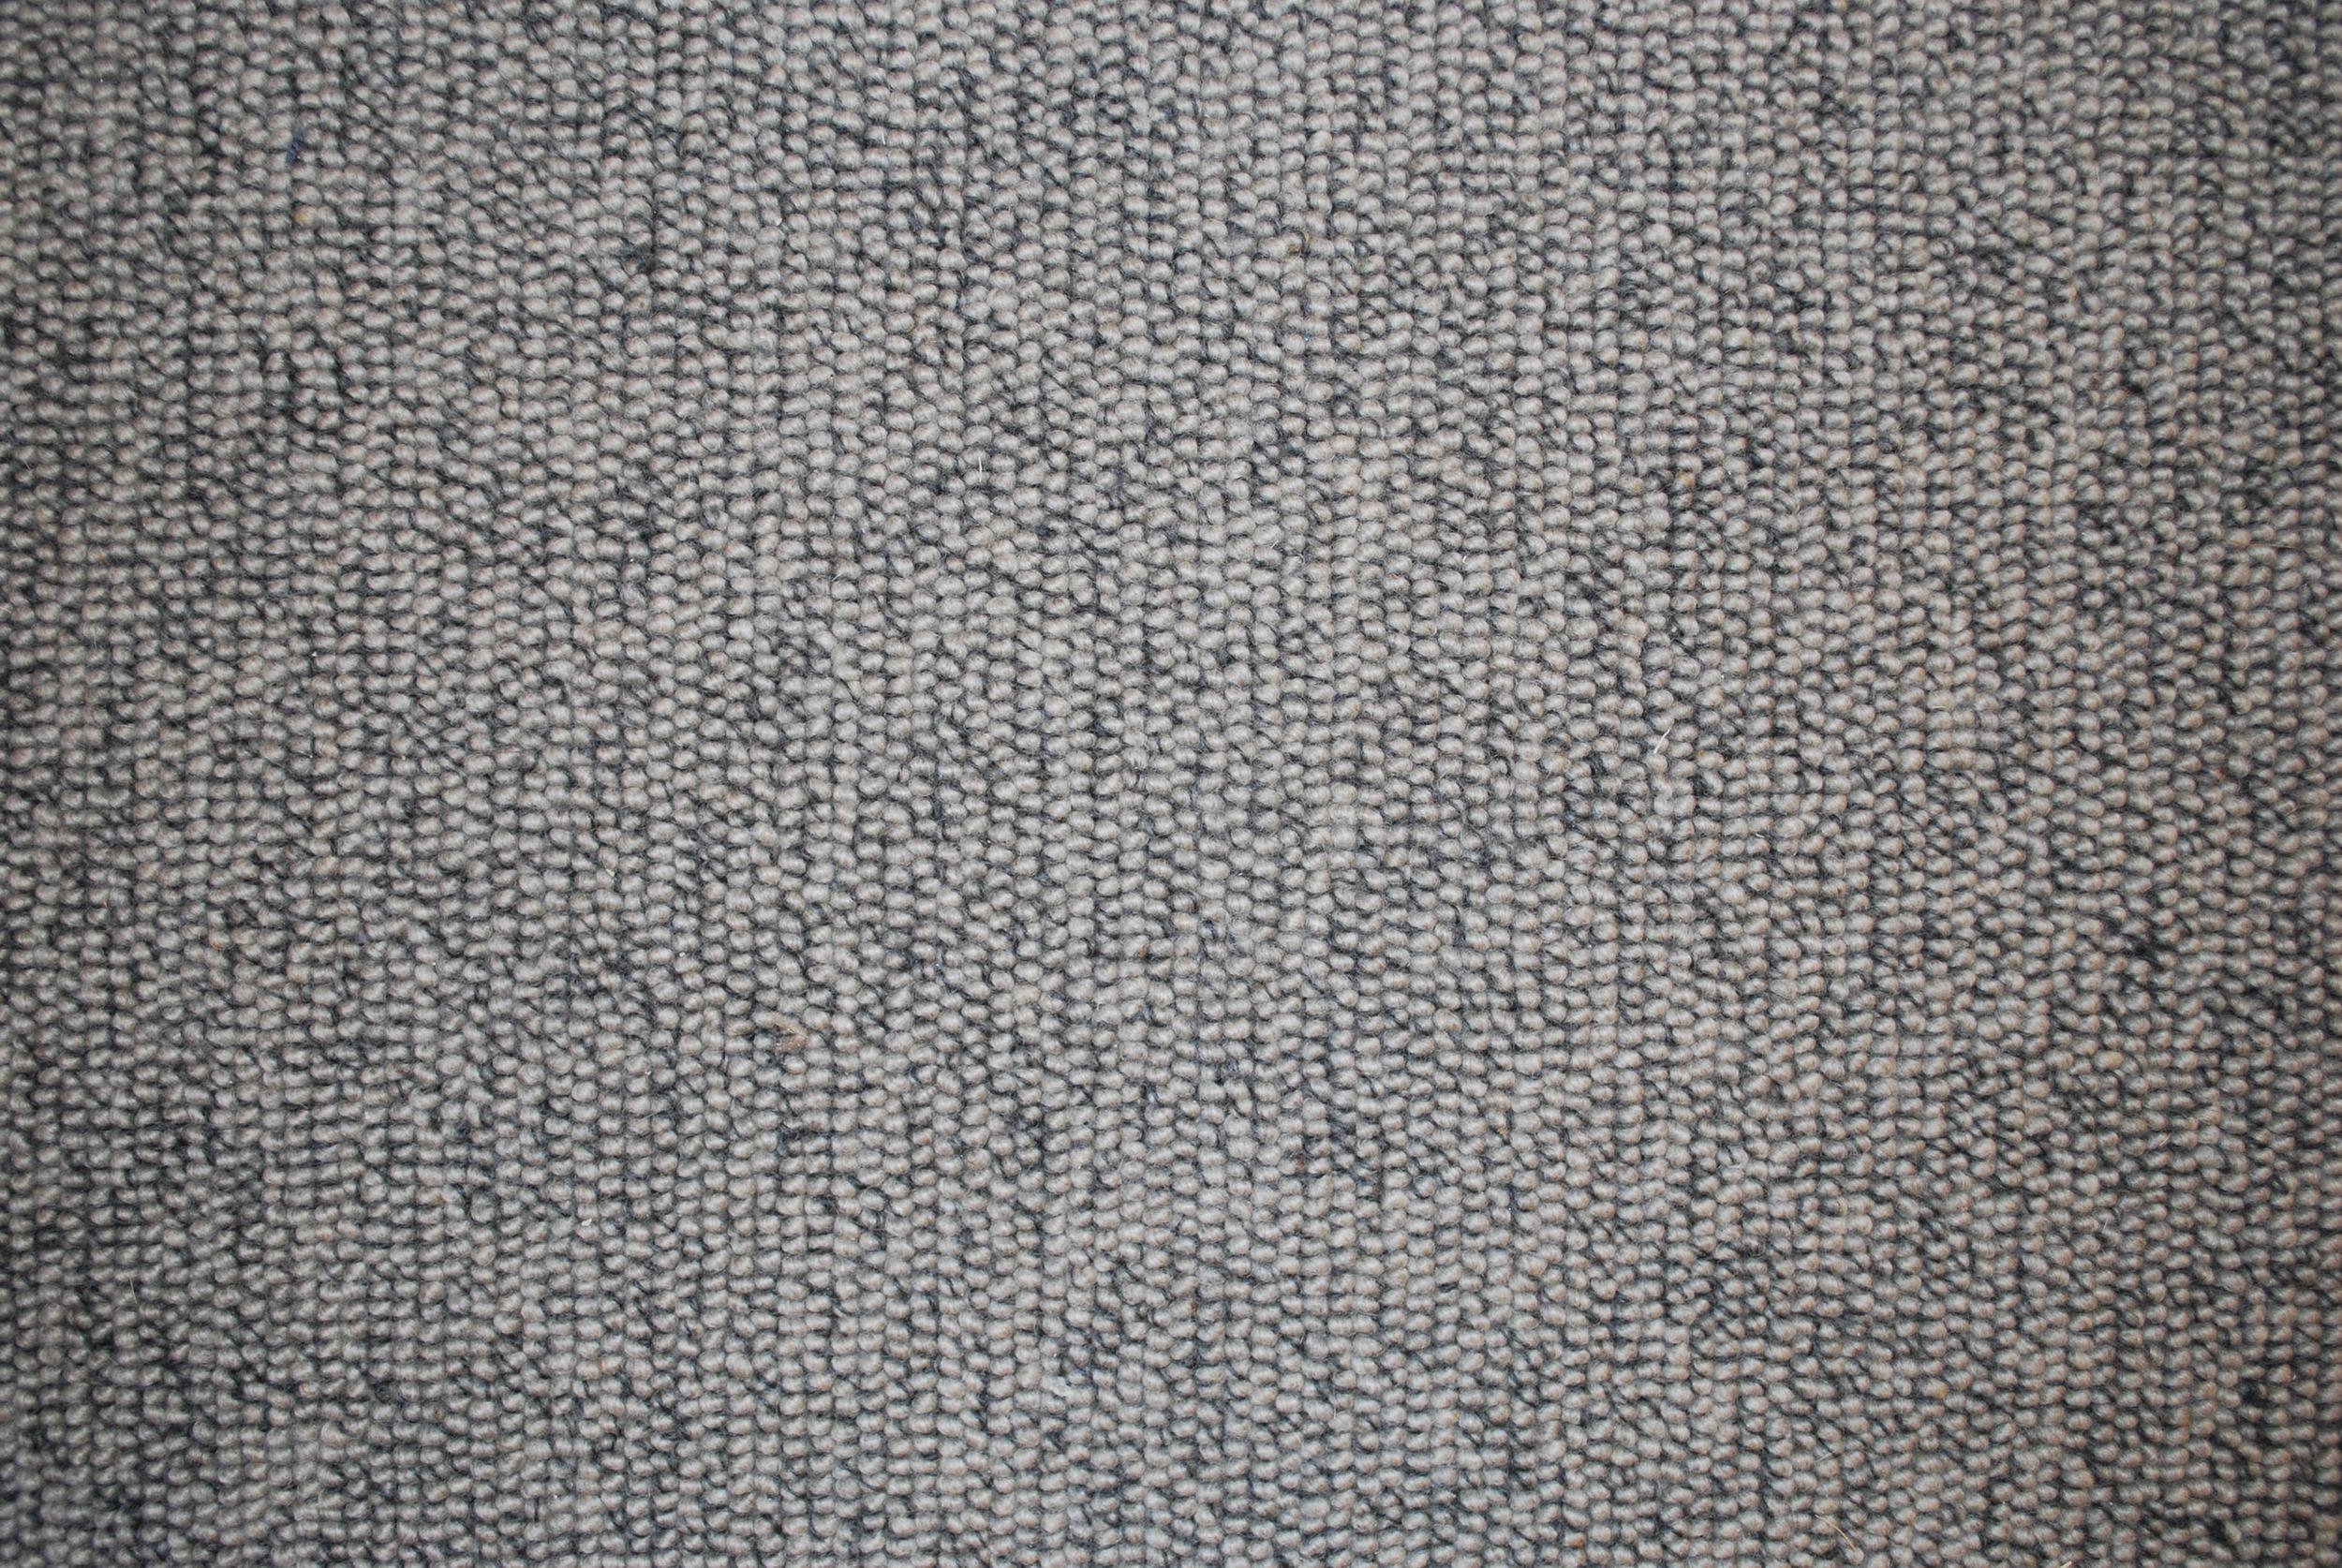 17. FARGO I PALIN 100% Wool I 16-13